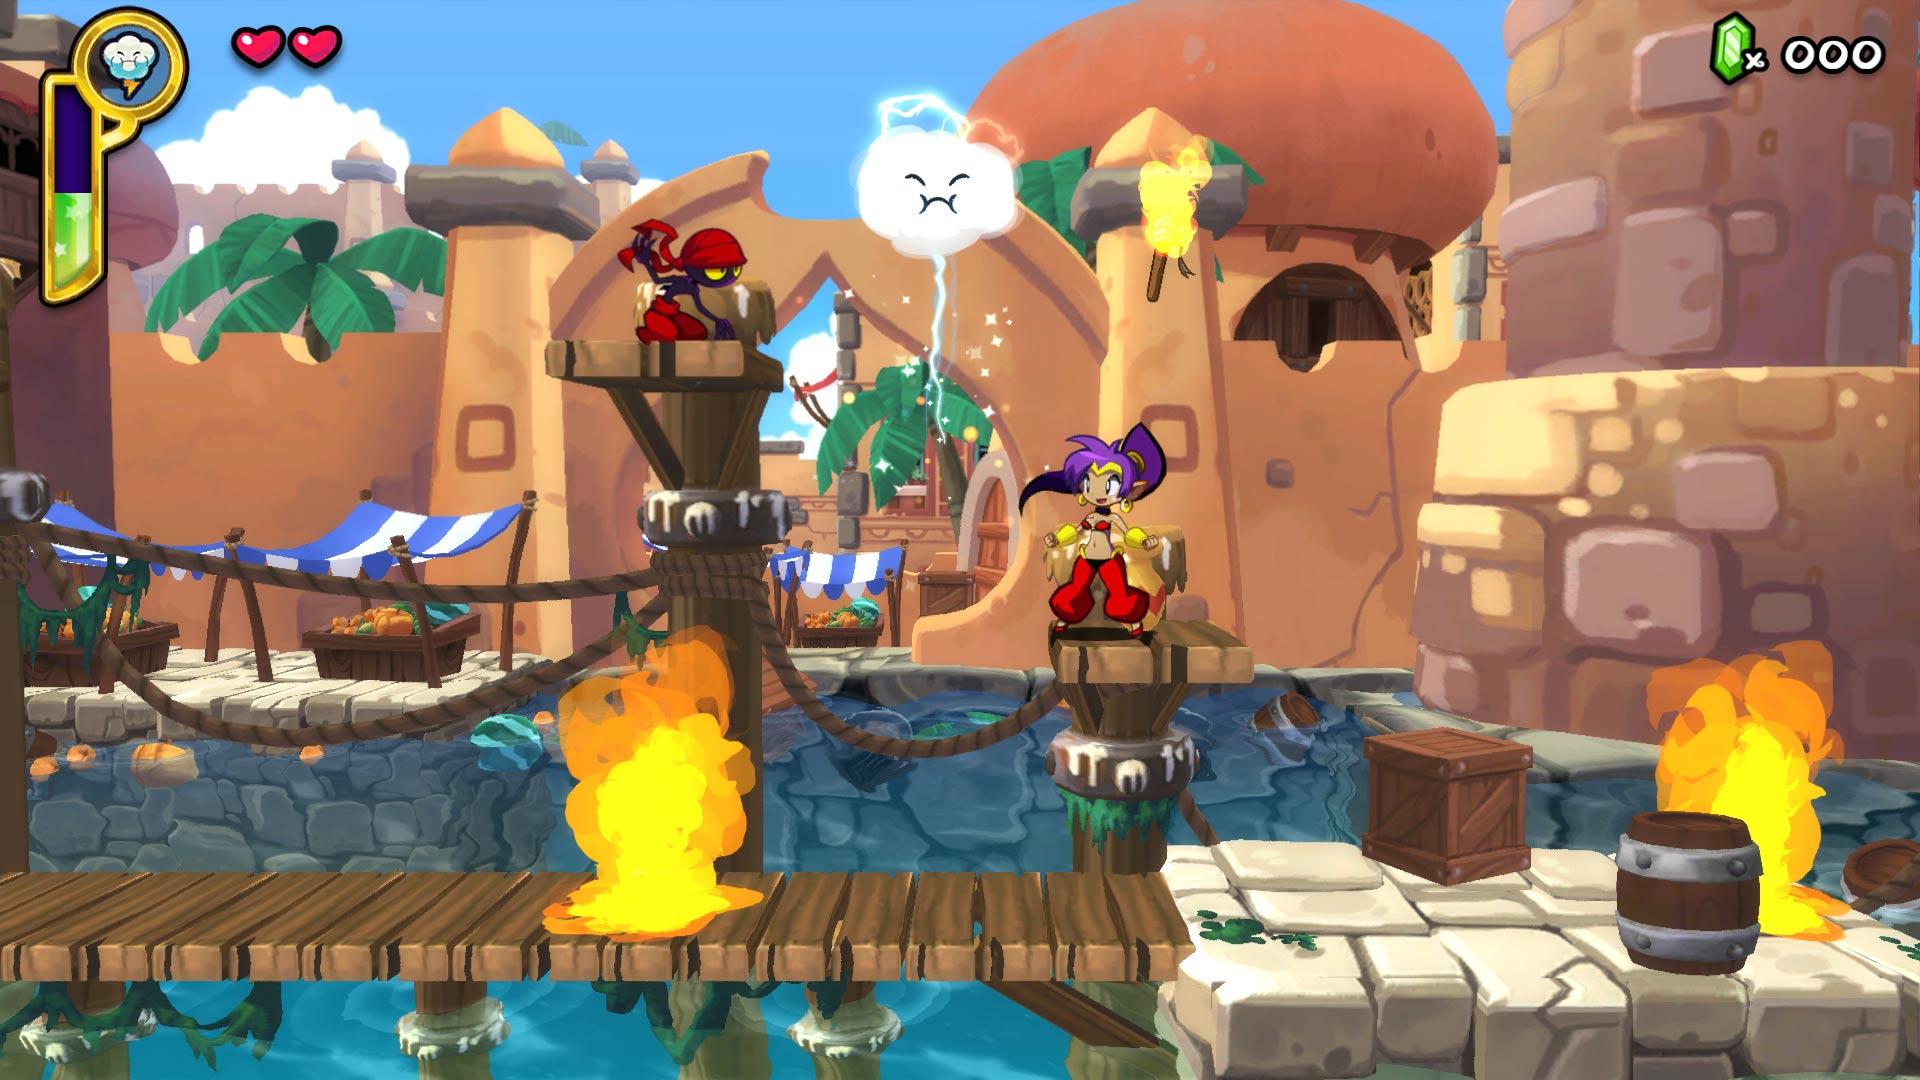 INFOS / RUMEURS sur des nouveaux jeux vidéos à venir | Consoles PS4, XBOX ONE, WII U, PC & SWITCH. - Page 15 Shantae_half_genie_hero_13